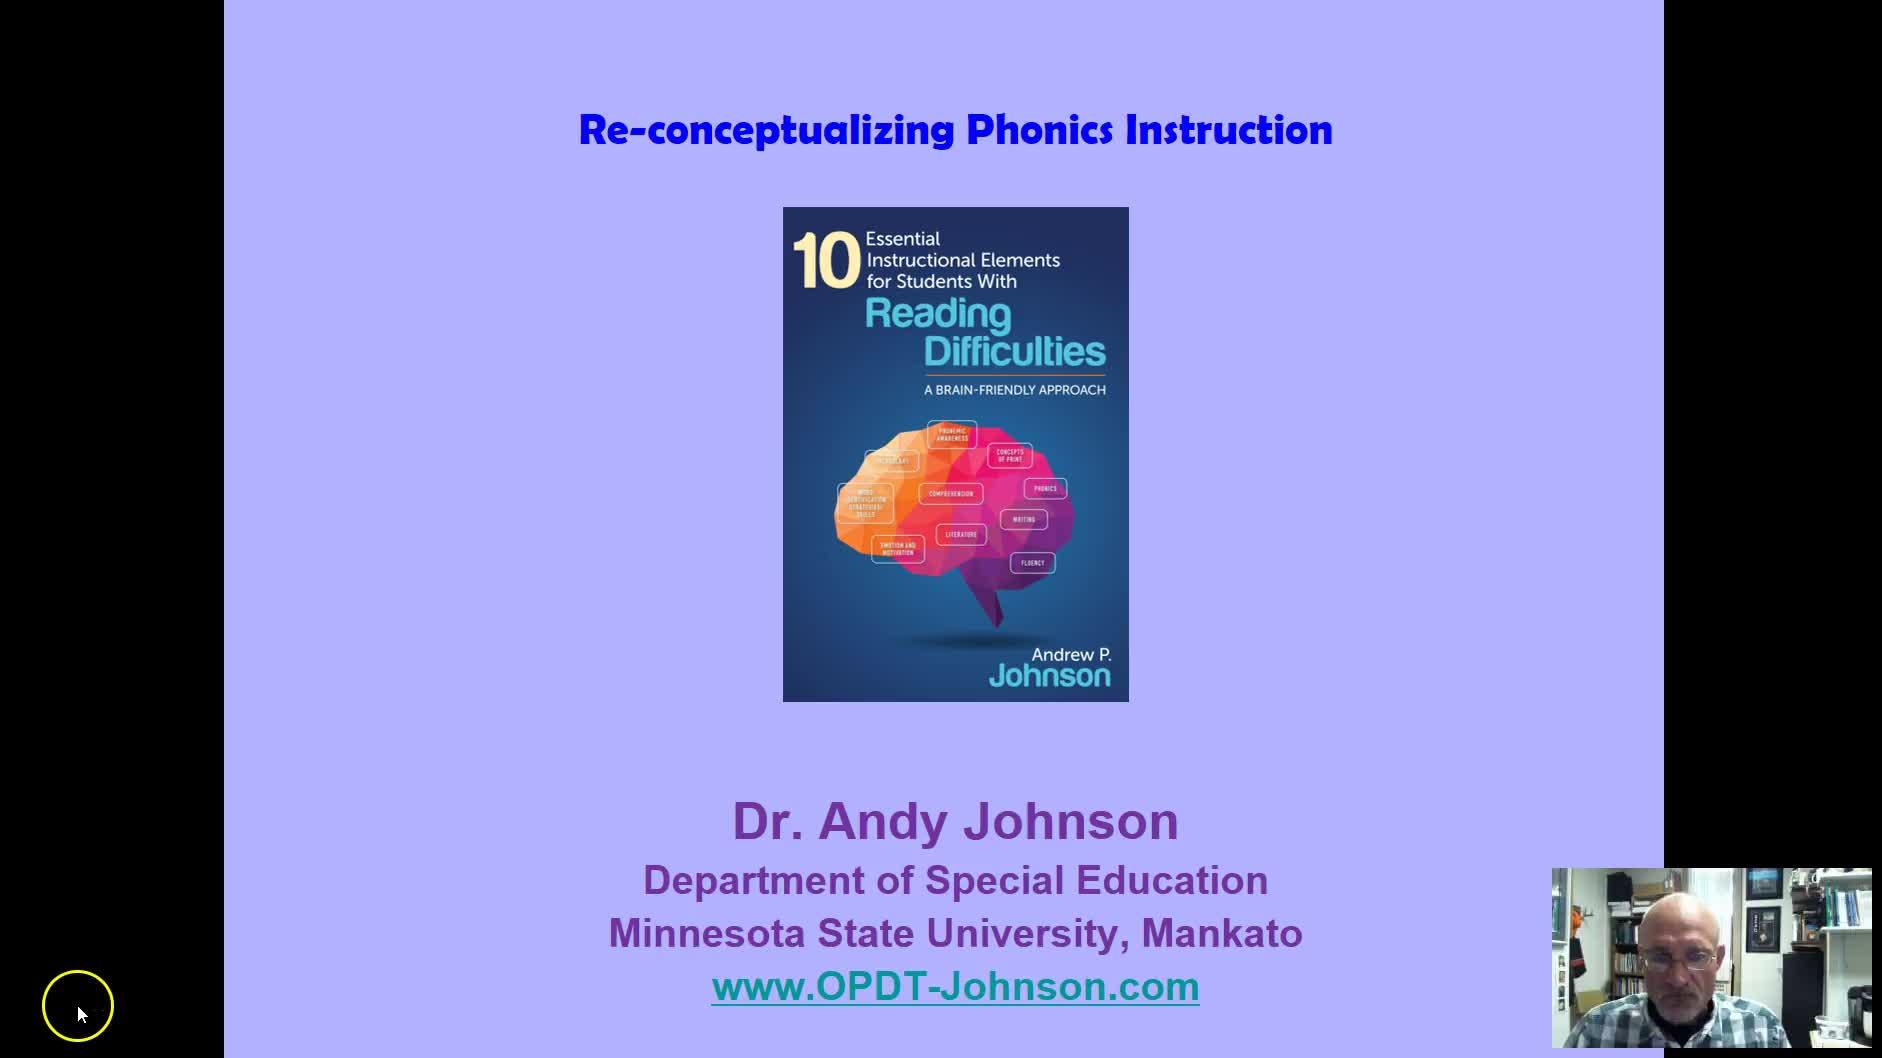 Reconceptualizing Phonics Instruction